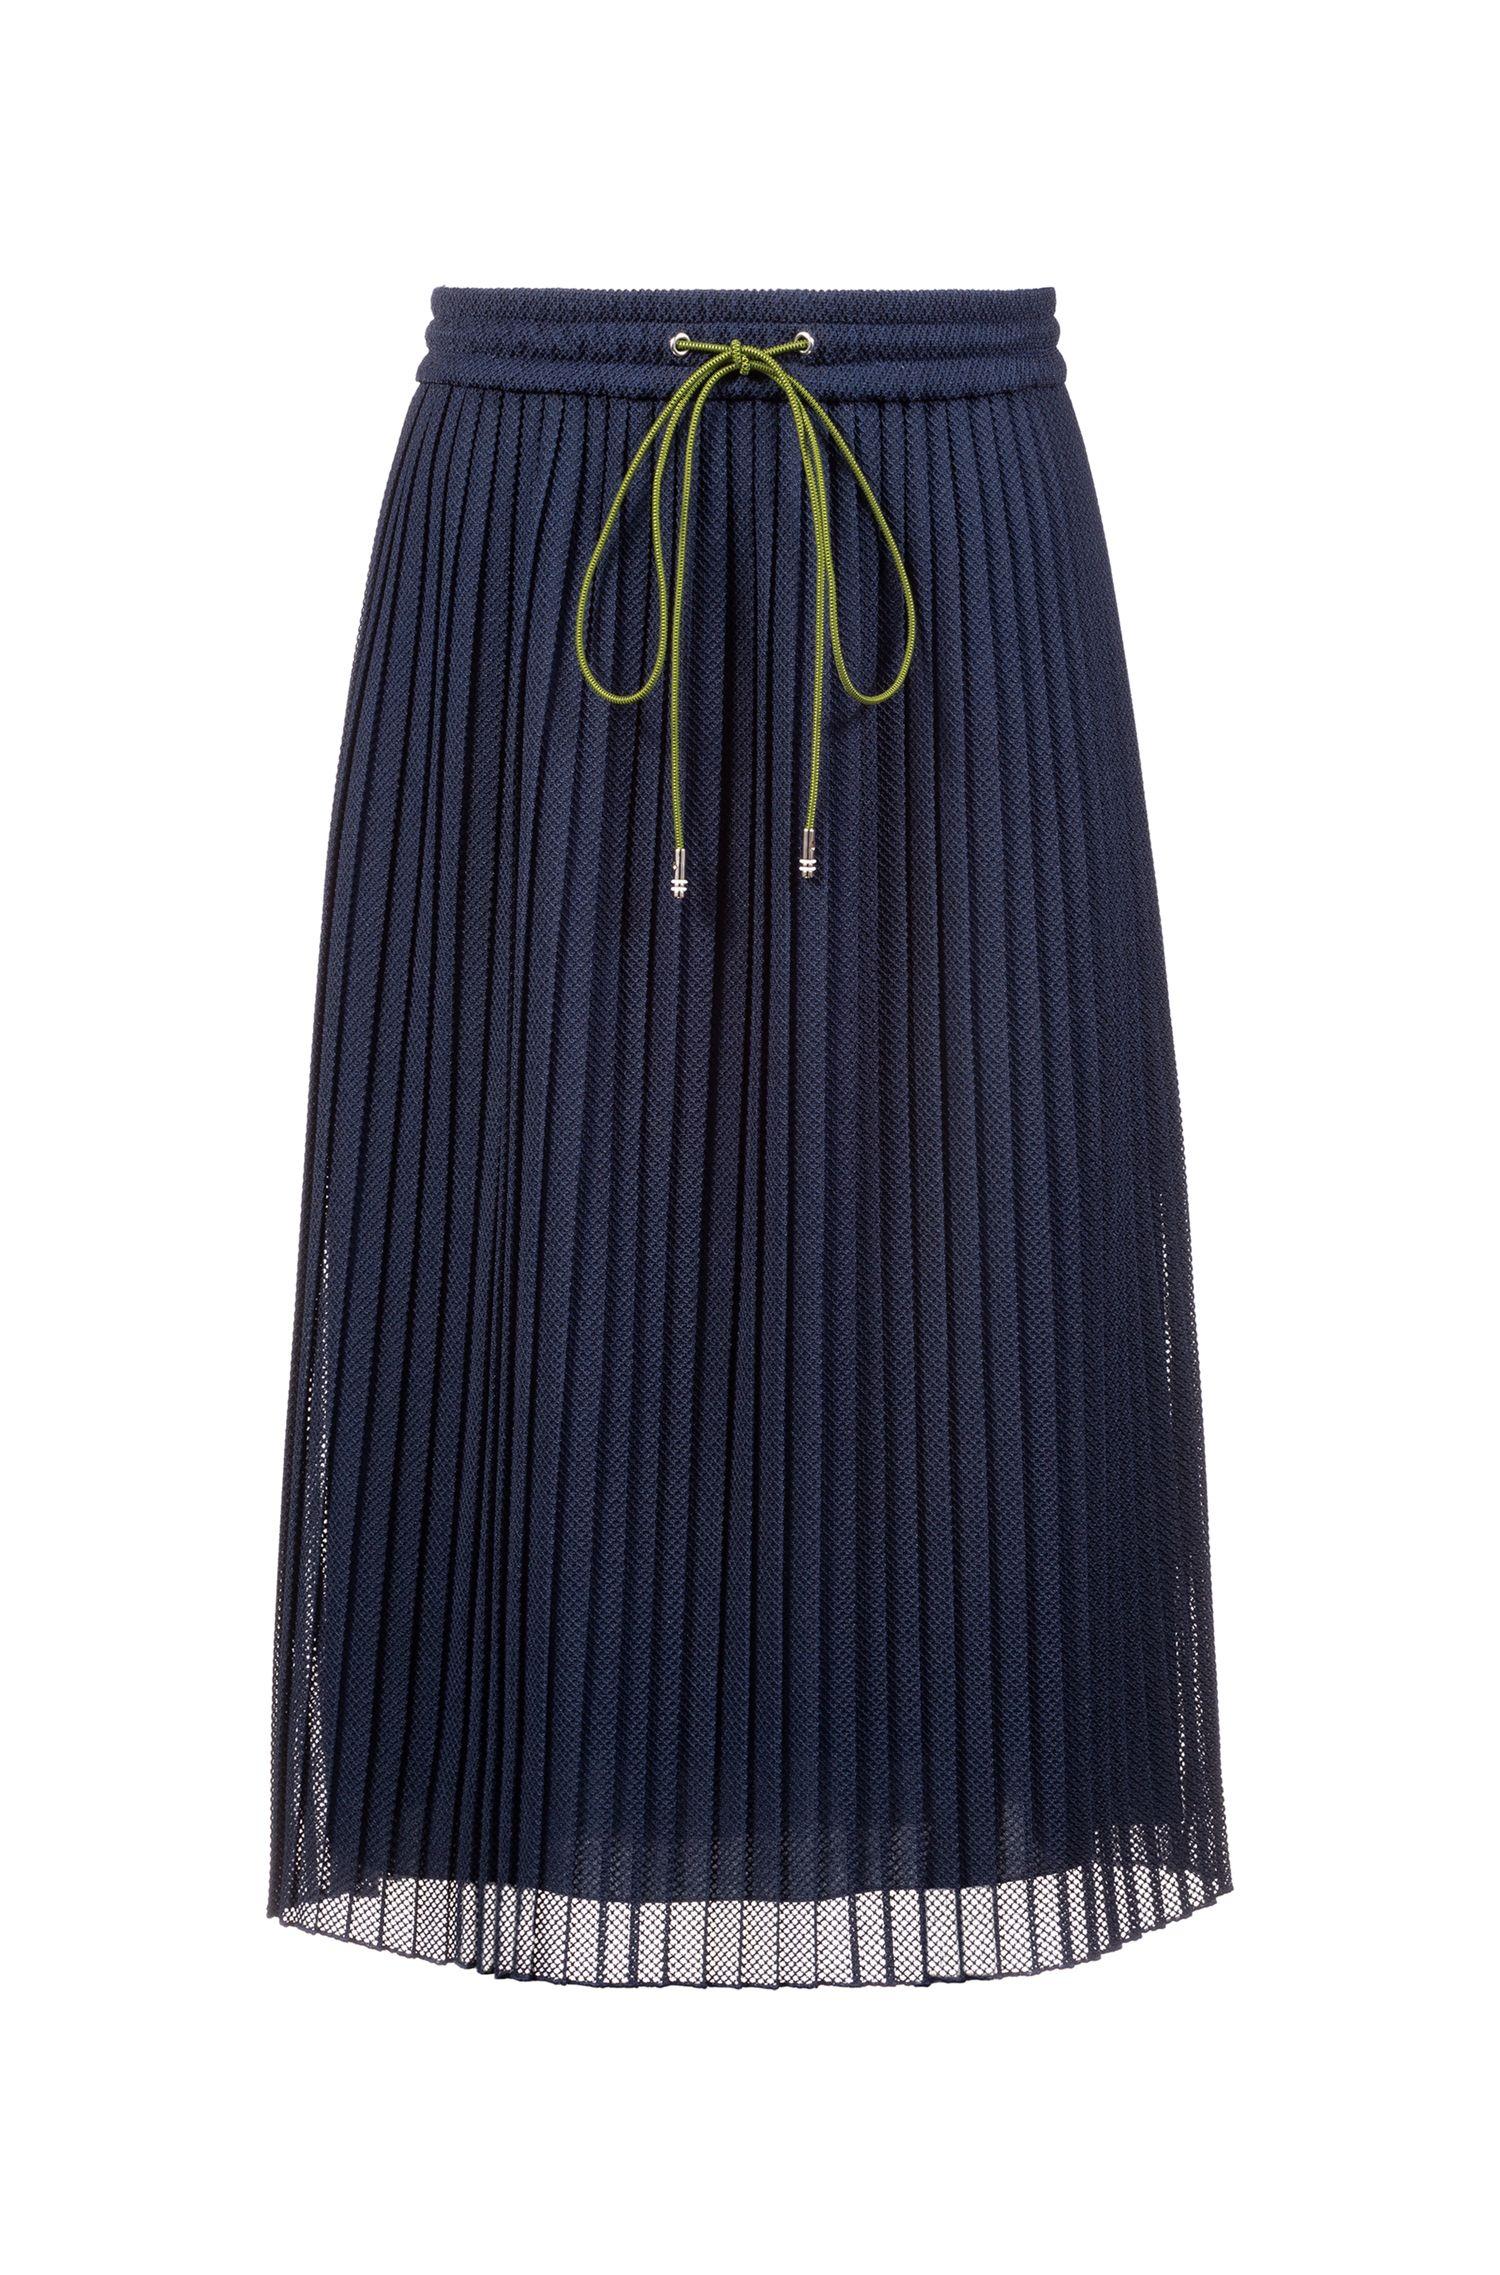 Jupe mi-longue en dentelle plissée, avec cordon de serrage à la taille, Bleu foncé